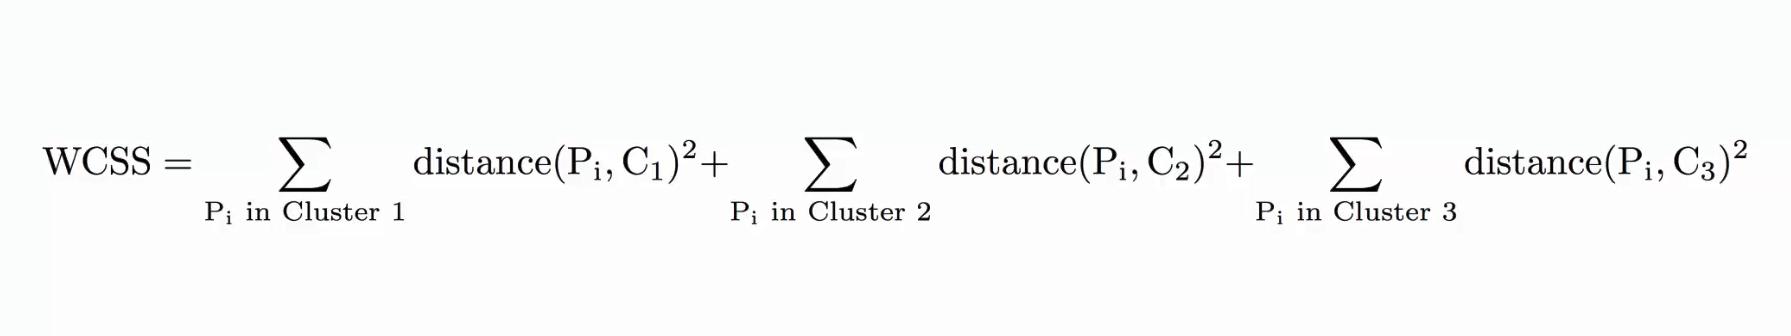 Maschinenlernen: Clusteranalyse mithilfe des K-Means-Algorithmus - 7